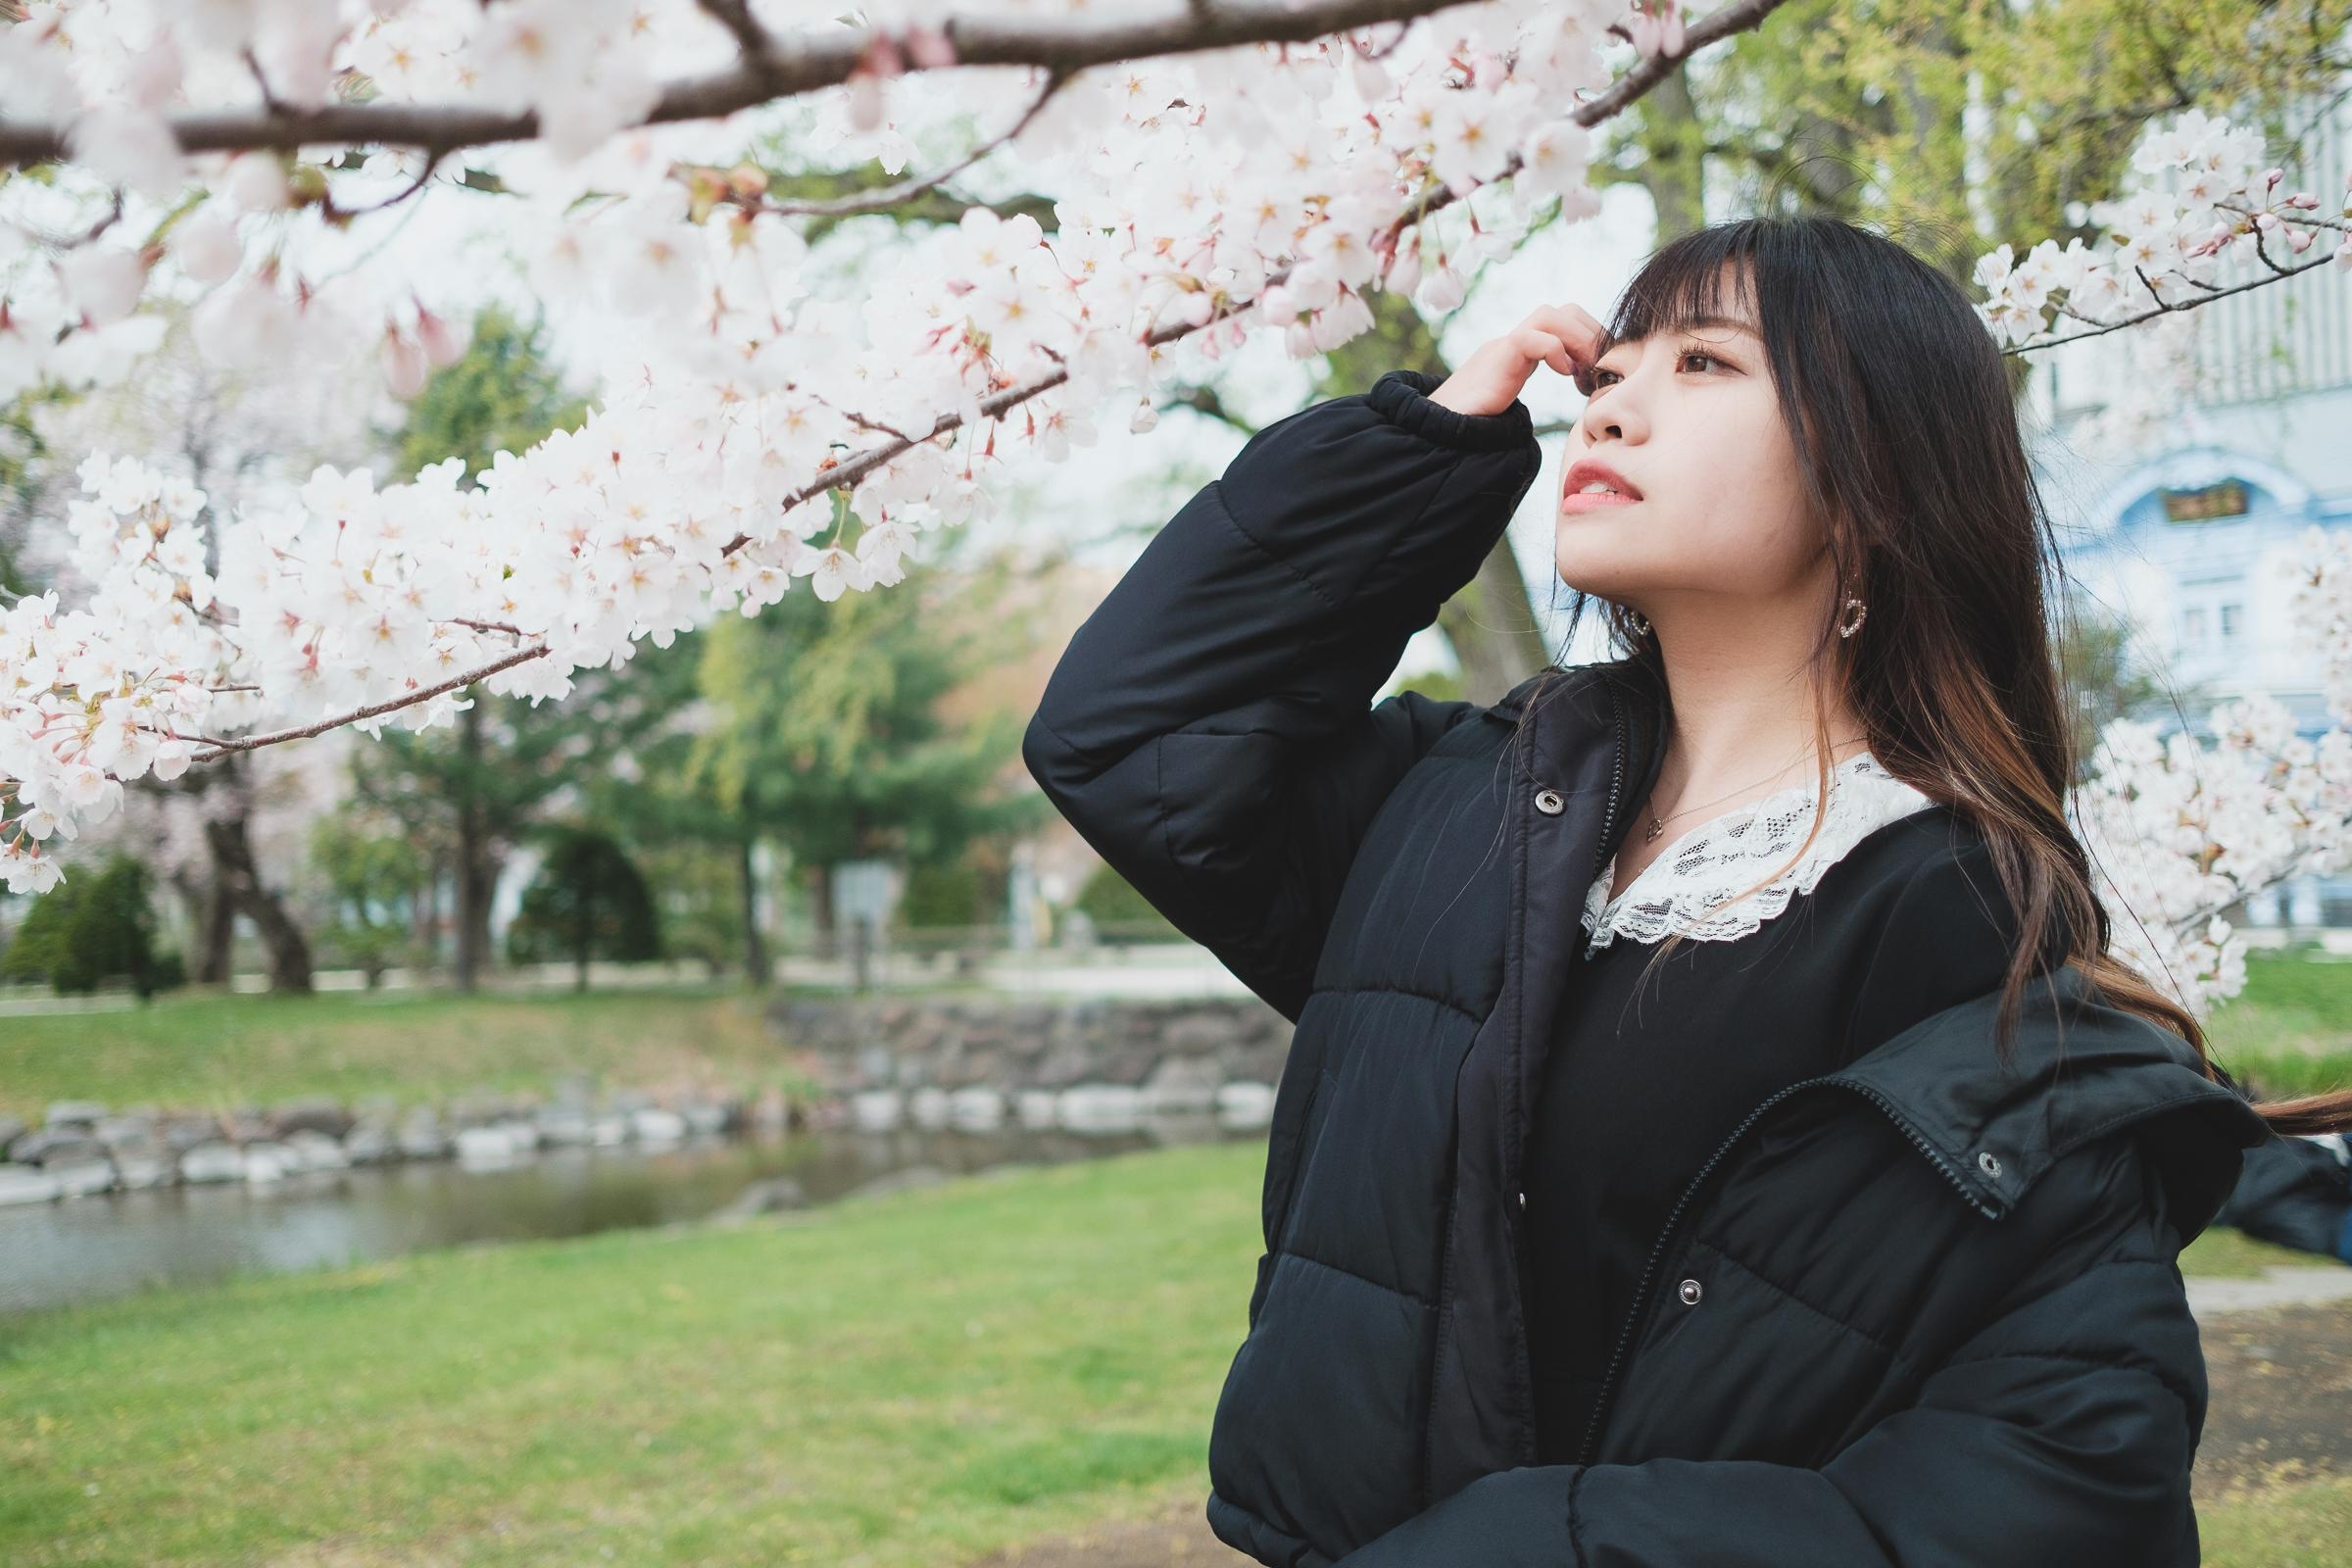 HAPPY少女♪ れいか ( 鳴海れいか ) | SMP 札幌モデルプロ「桜」撮影会 at 中島公園